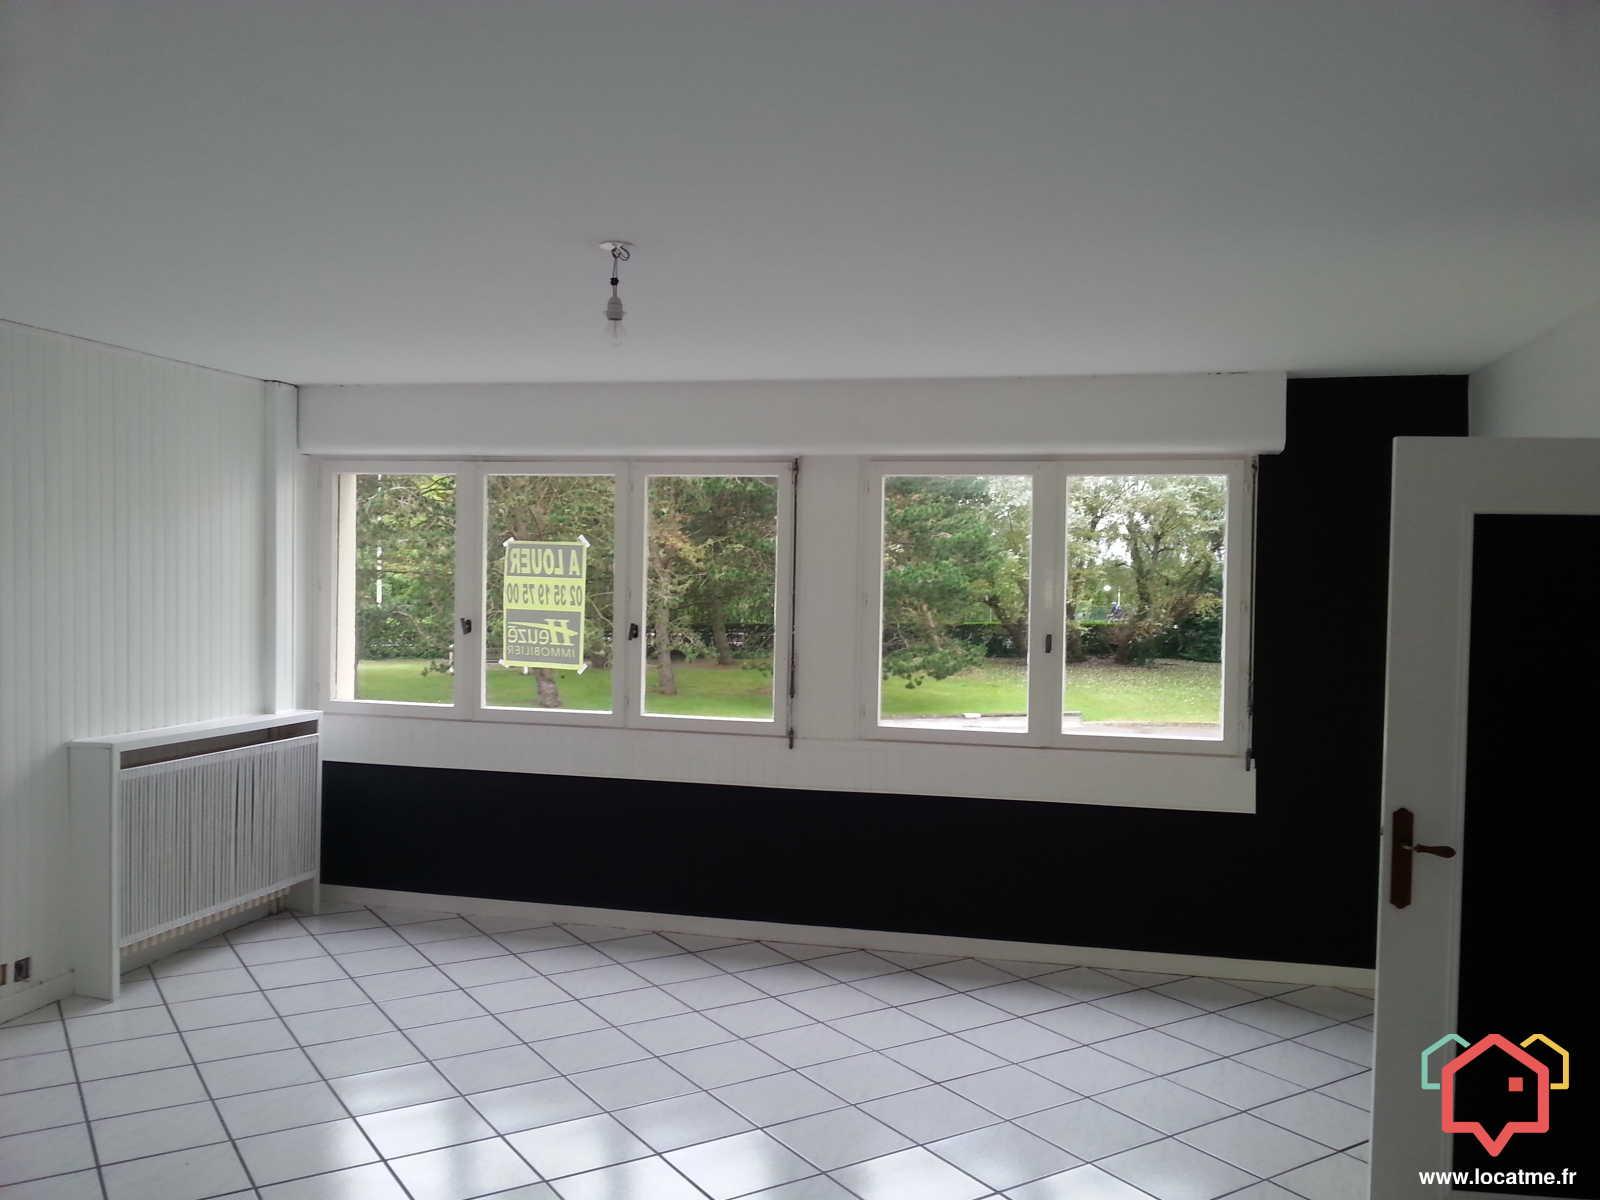 Merveilleux Location Appartement Non Meublé 77m2 à Le Havre Idees